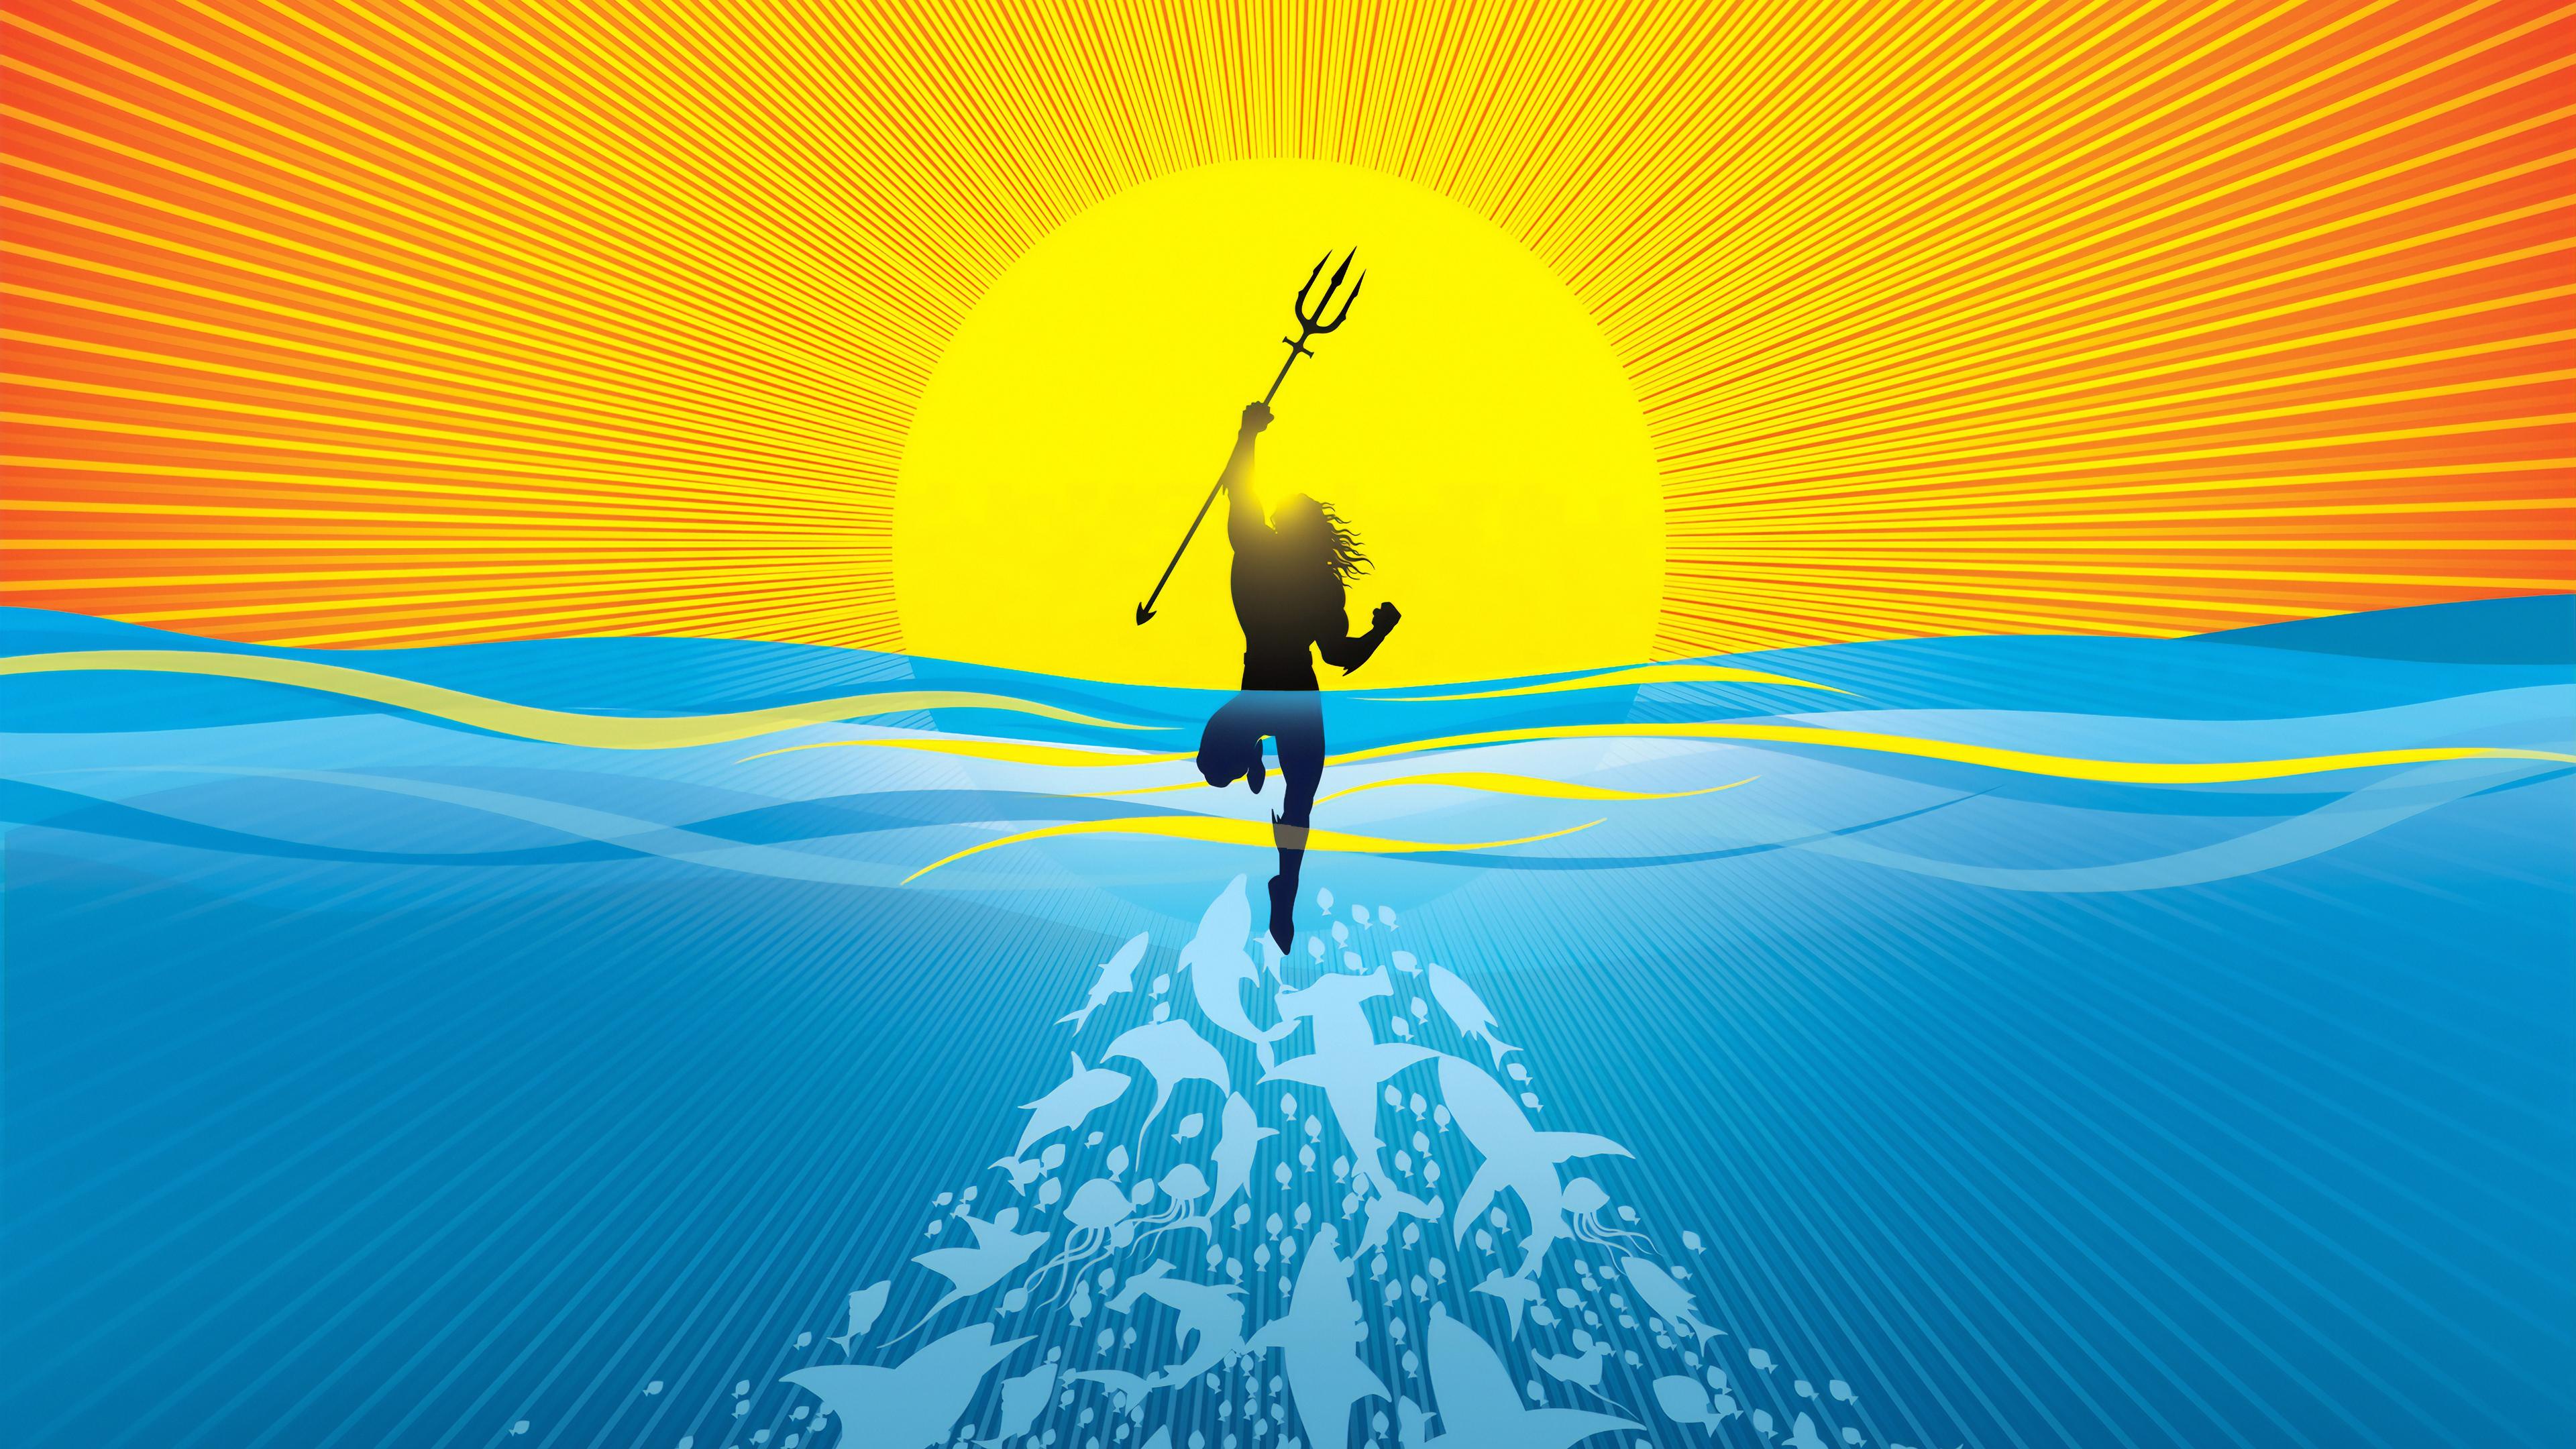 aquaman a tide is coming 1570918653 - Aquaman A Tide Is Coming - superheroes wallpapers, hd-wallpapers, digital art wallpapers, artwork wallpapers, aquaman wallpapers, 4k-wallpapers